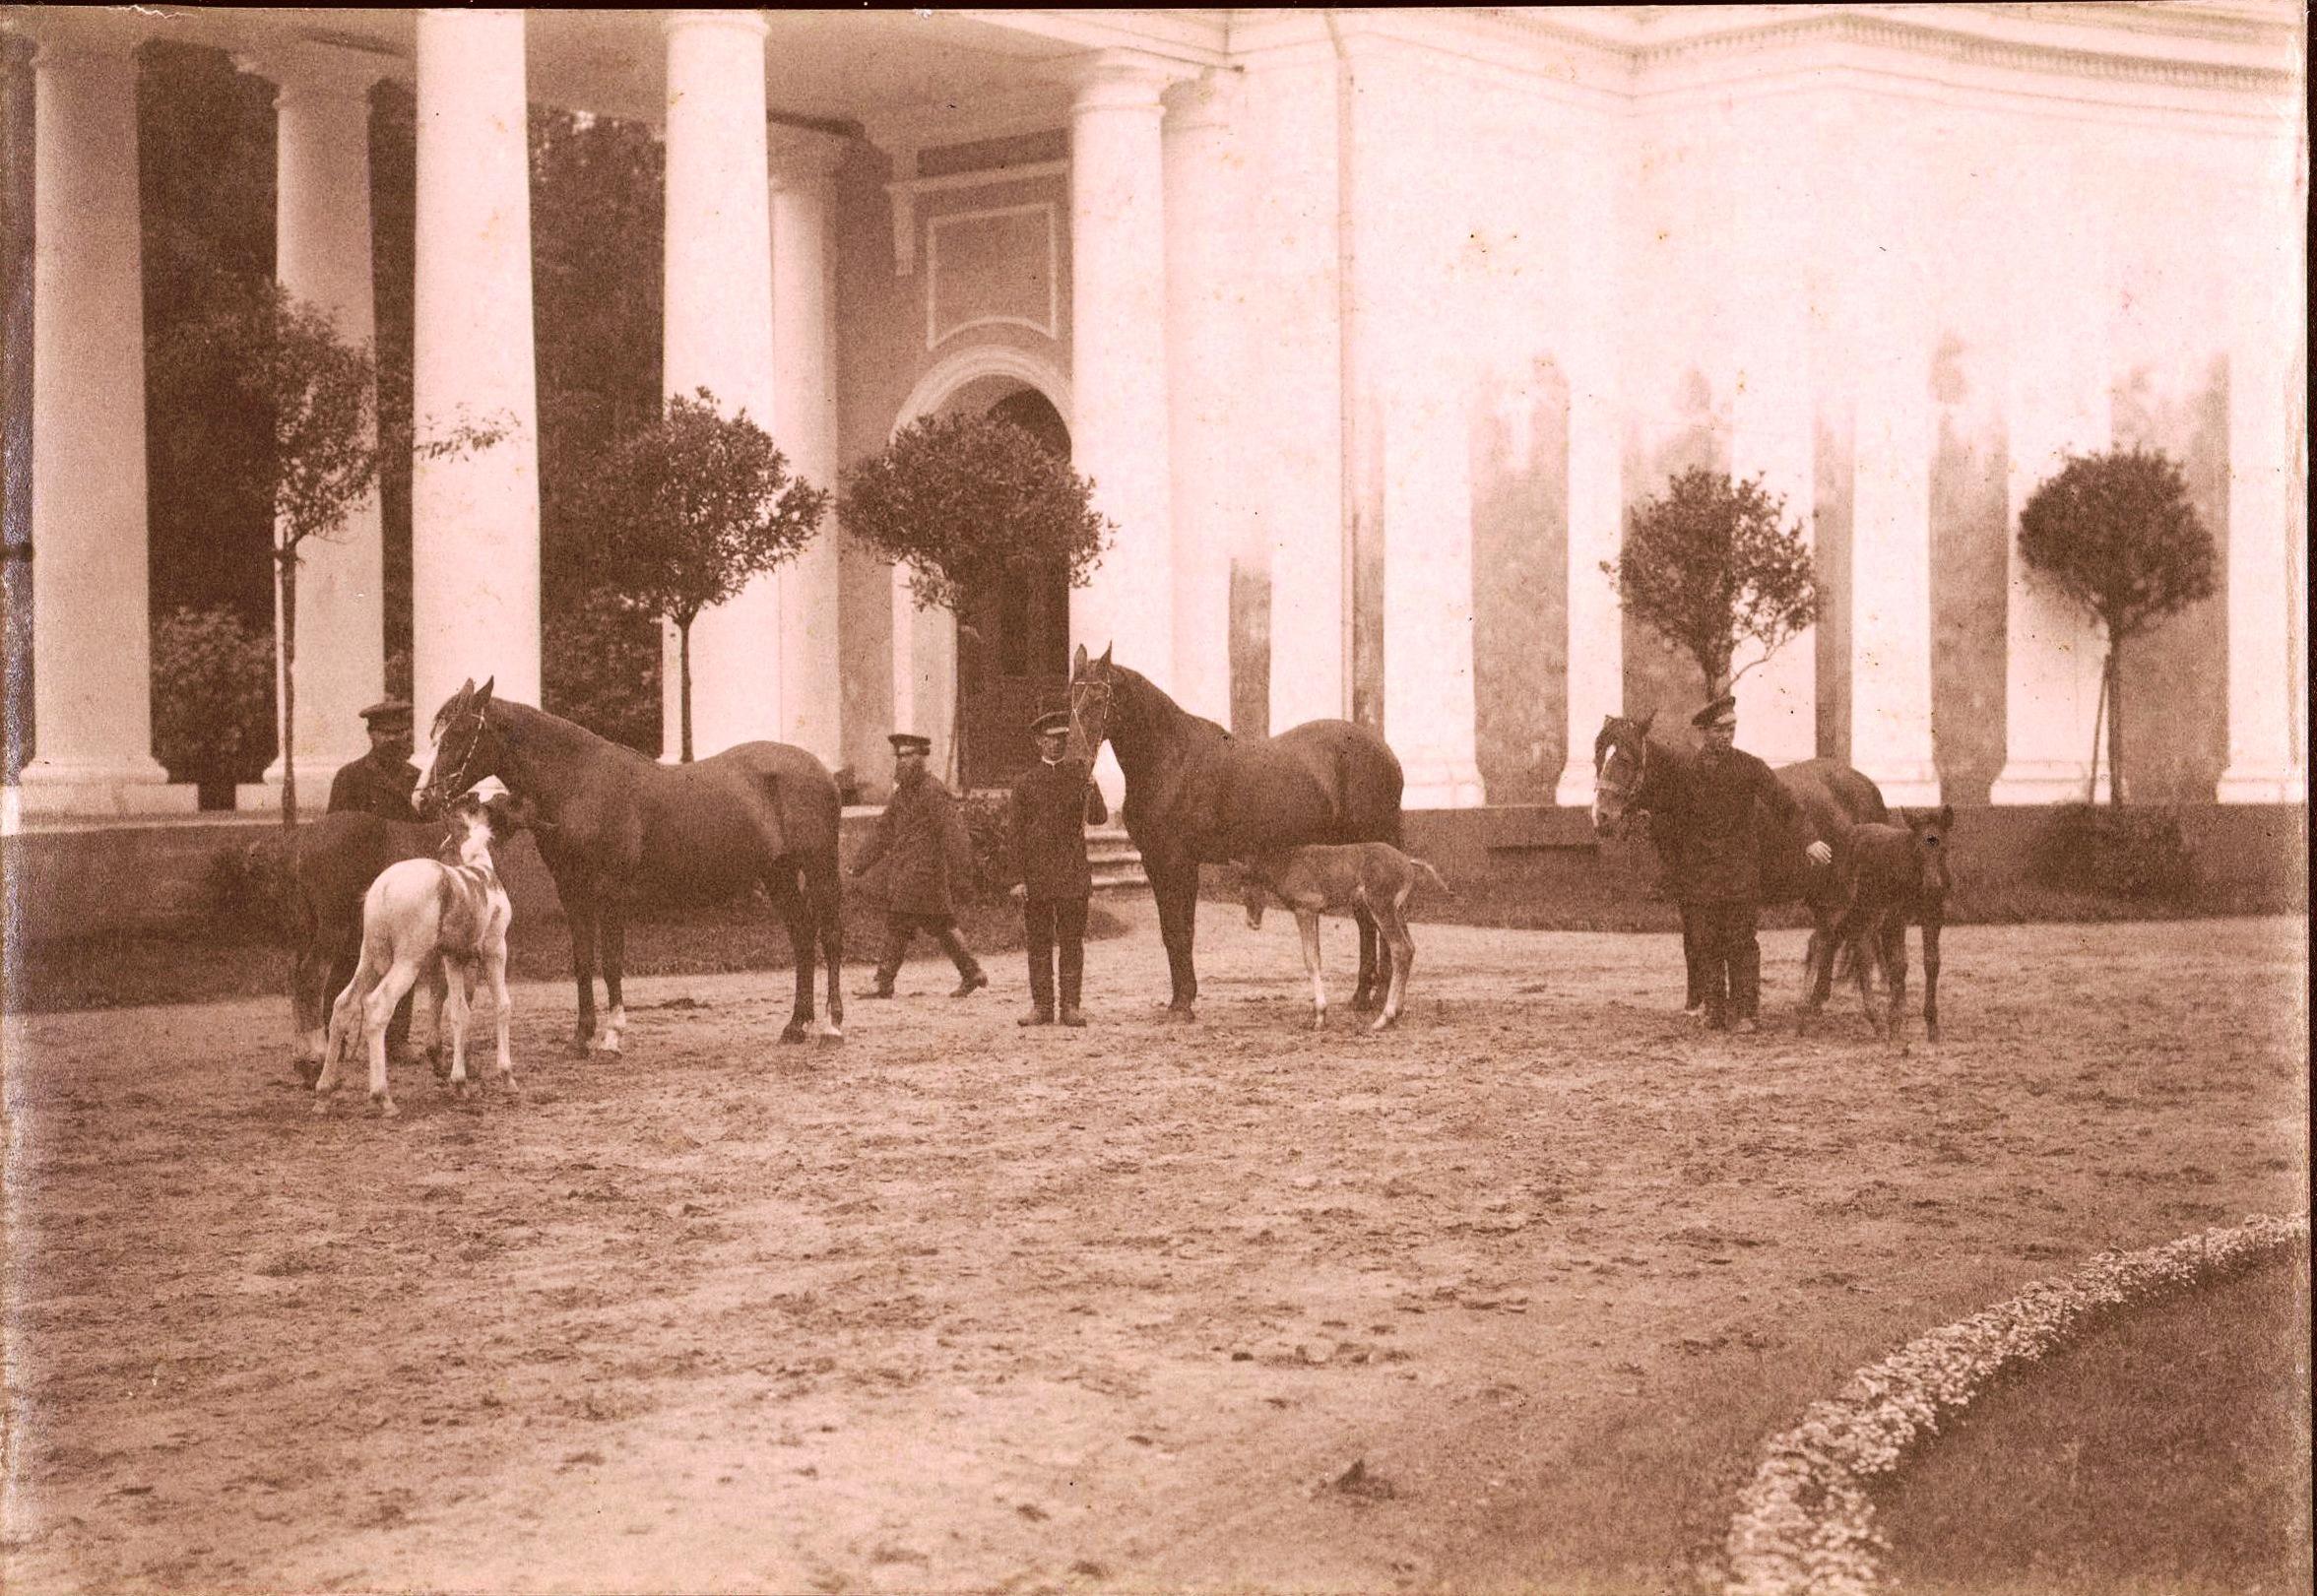 Парадный двор. Лошади с жеребятами. Рядом рабочие. 1890-е